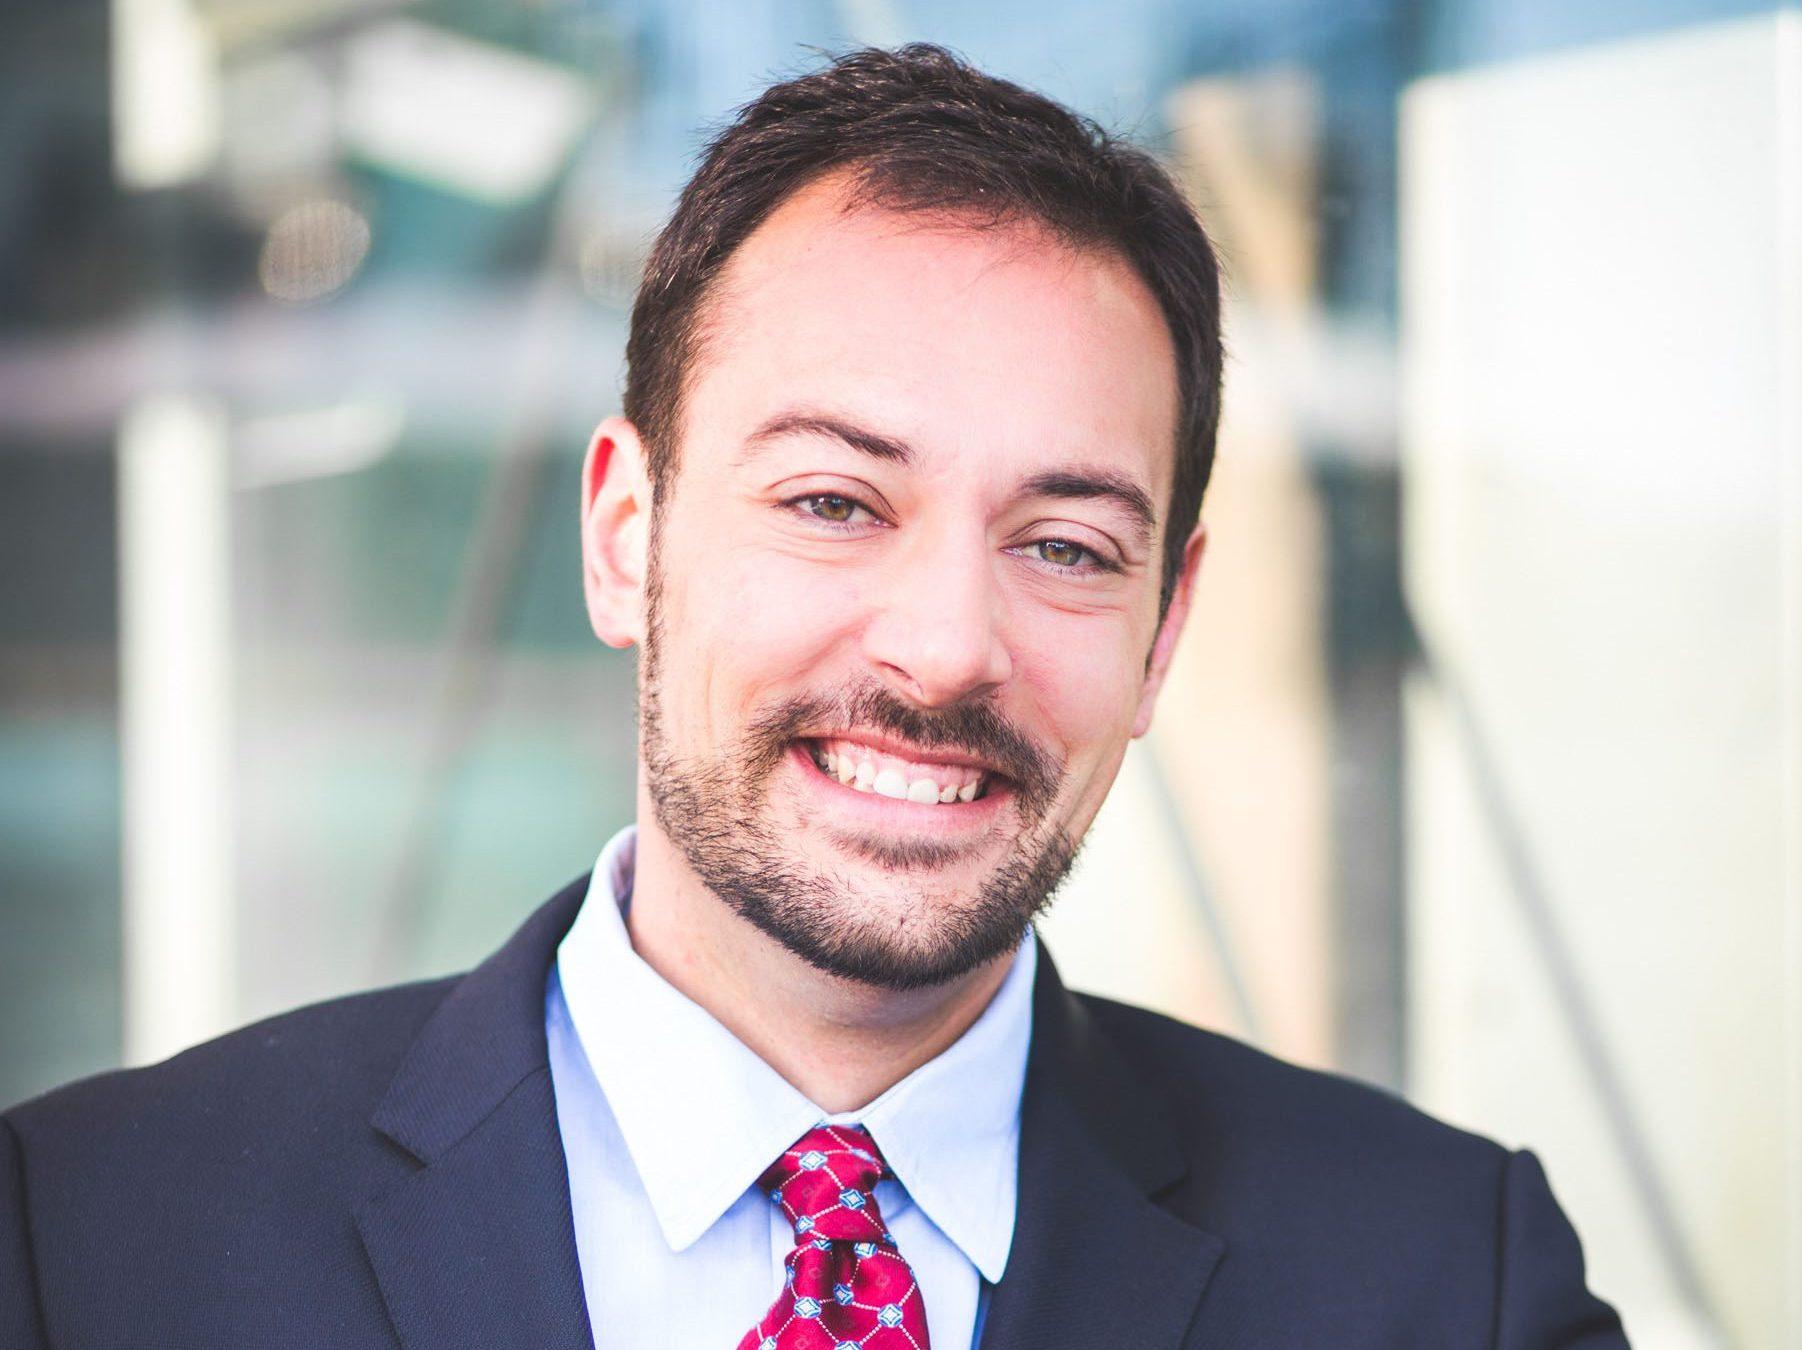 MJ Vukovich, Senior Vice President, Bellwether Enterprise.